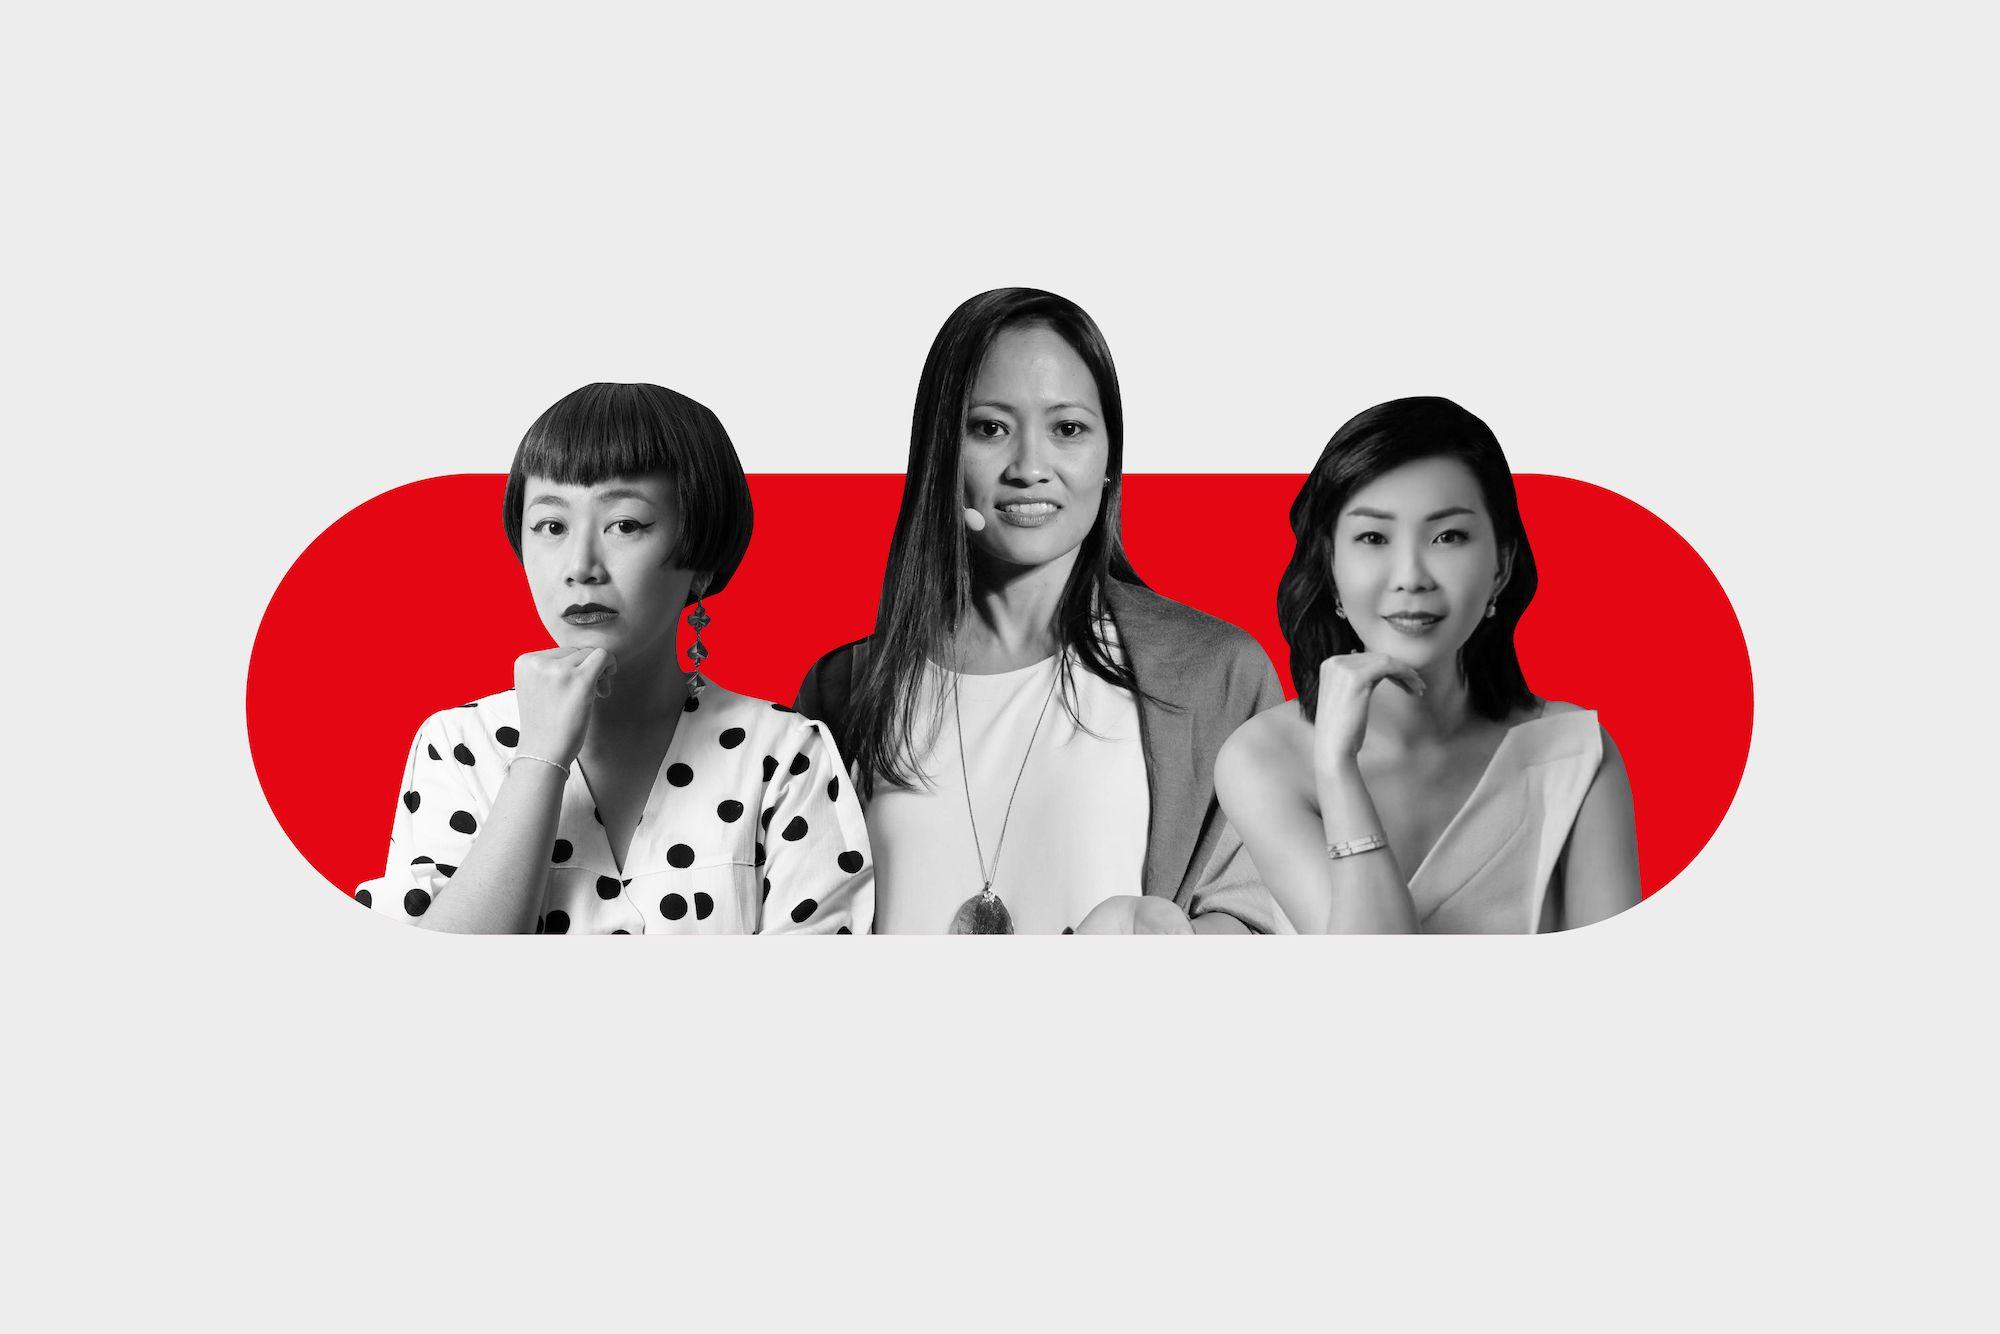 生不生孩子由我做主:聽聽 7 名亞洲女性分享她們的故事